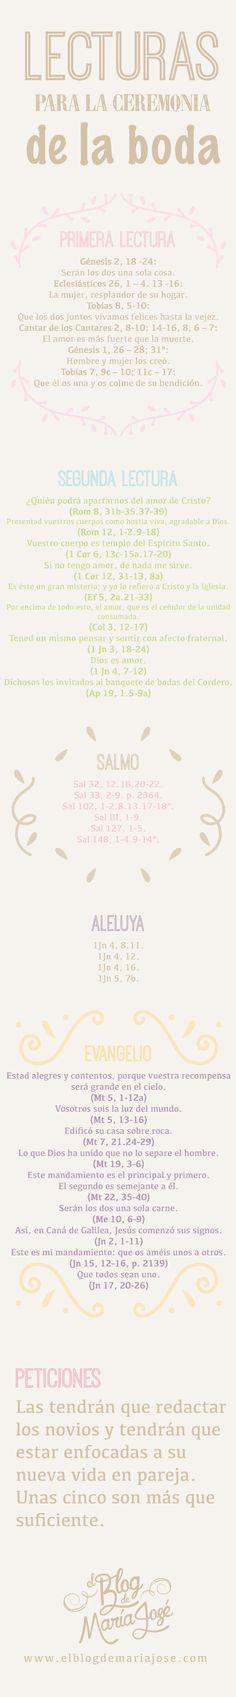 Lecturas para la ceremonia de la boda #bodas #ElBlogdeMaríaJosé #Ceremoniaboda…